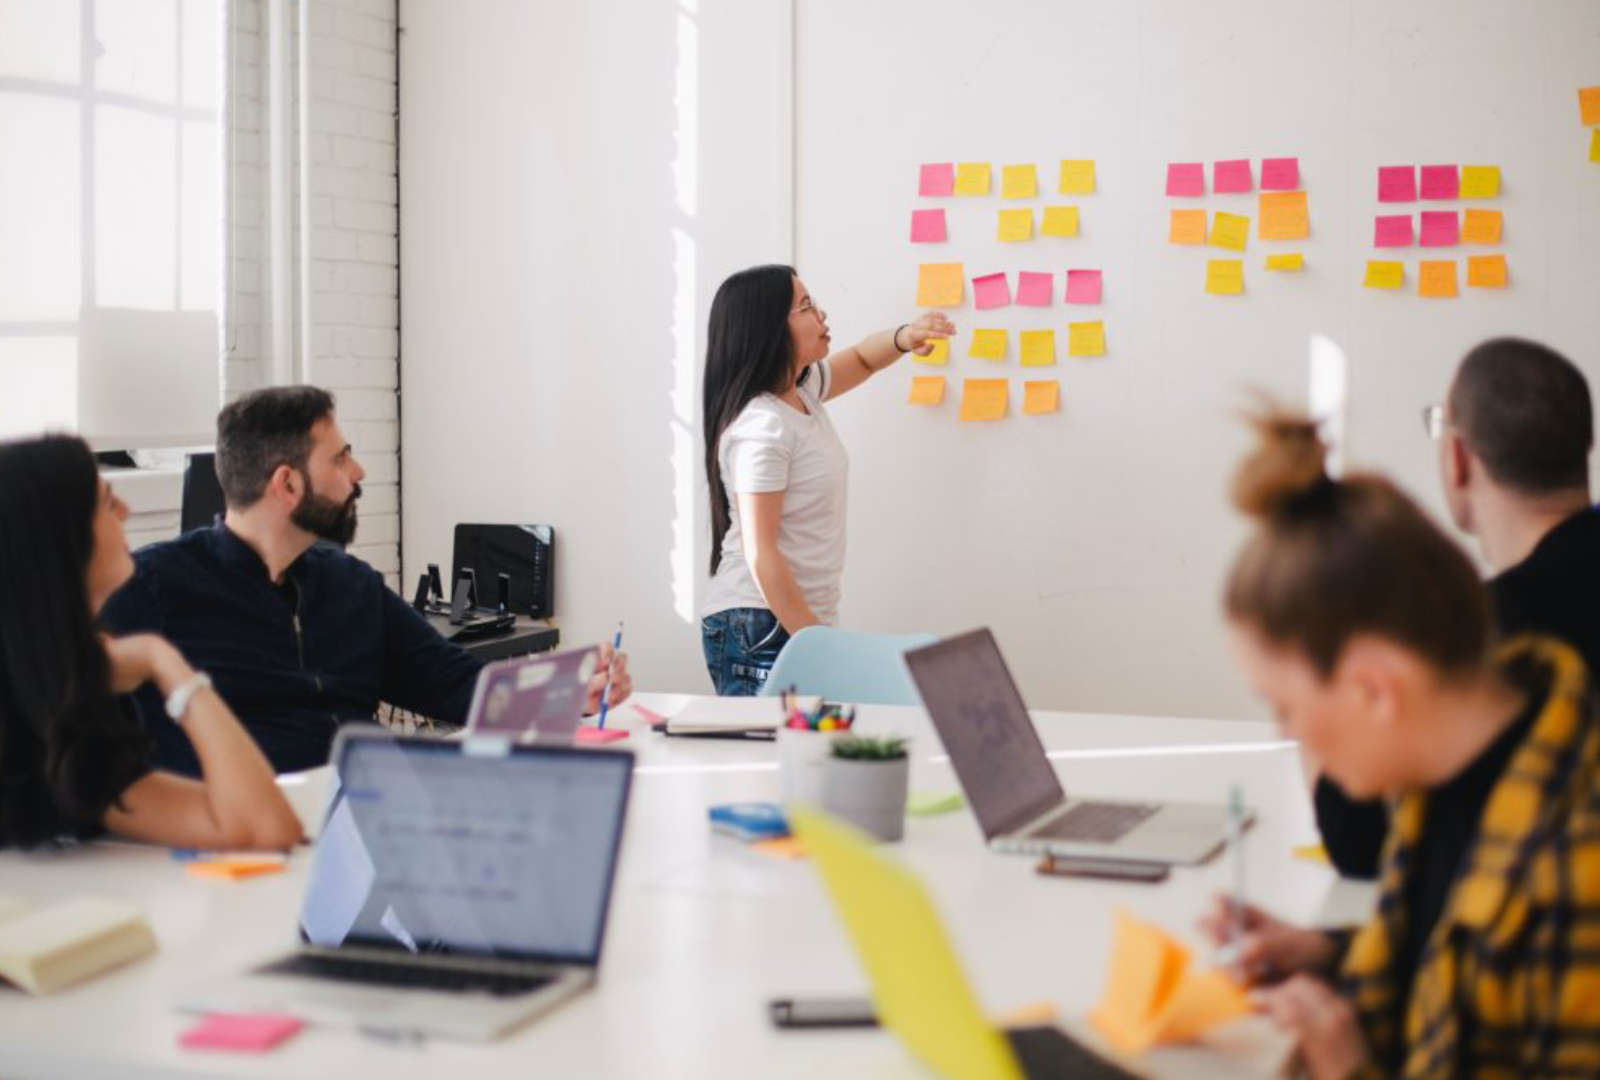 De Brusselse regering verleent 2 miljoen euro steun aan ondernemers in tewerkstellingscoöperaties die getroffen zijn door de COVID-19-crisis